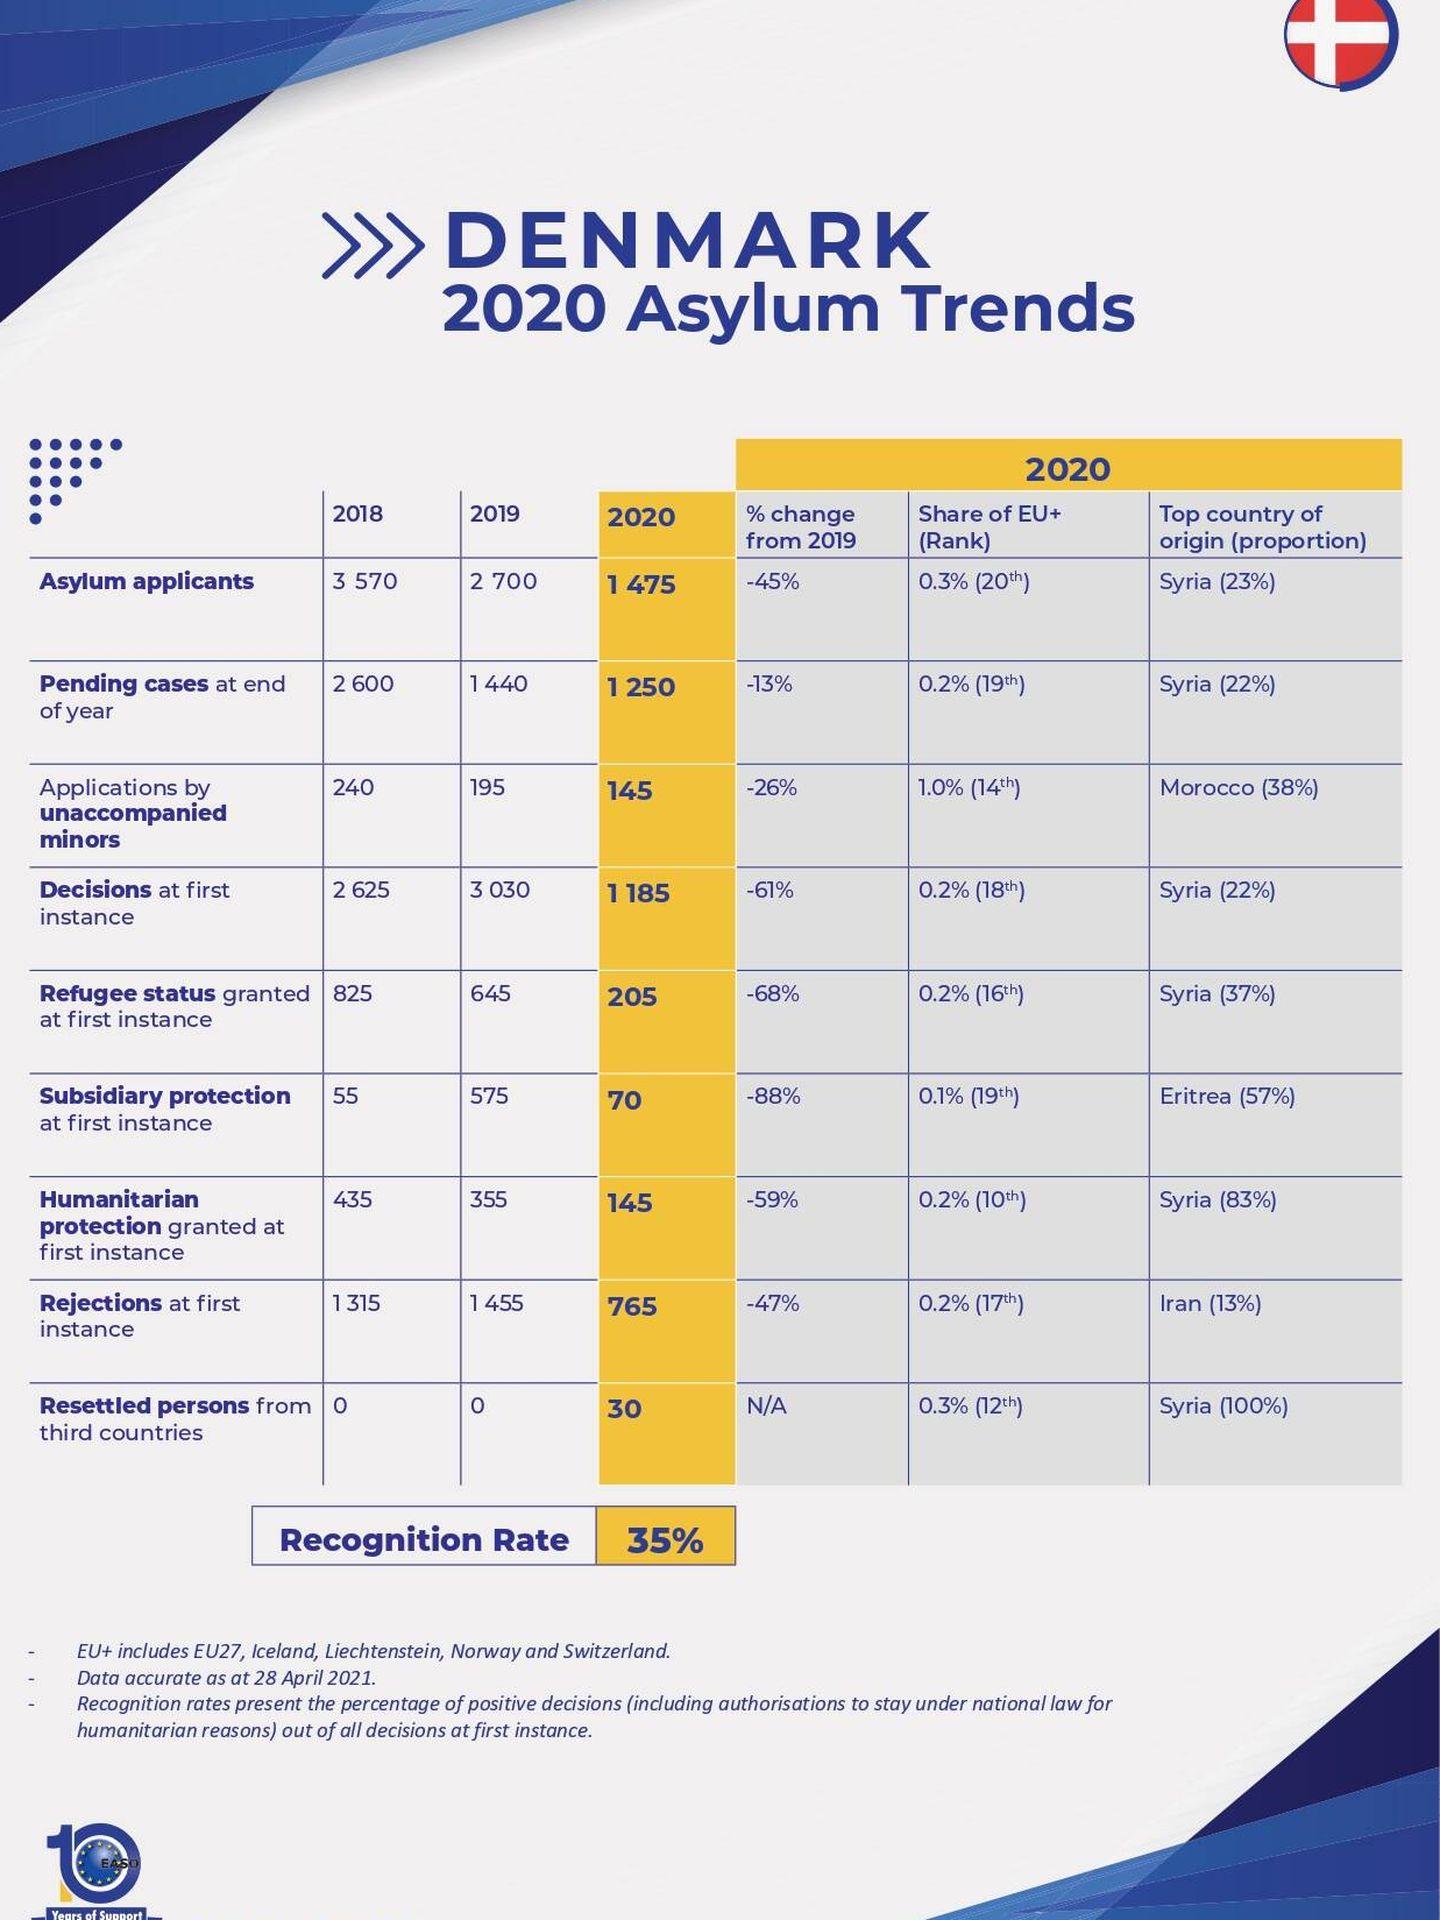 Datos de asilo de Dinamarca, ofrecidos por la EASO. Haga clic para ver la imagen completa.